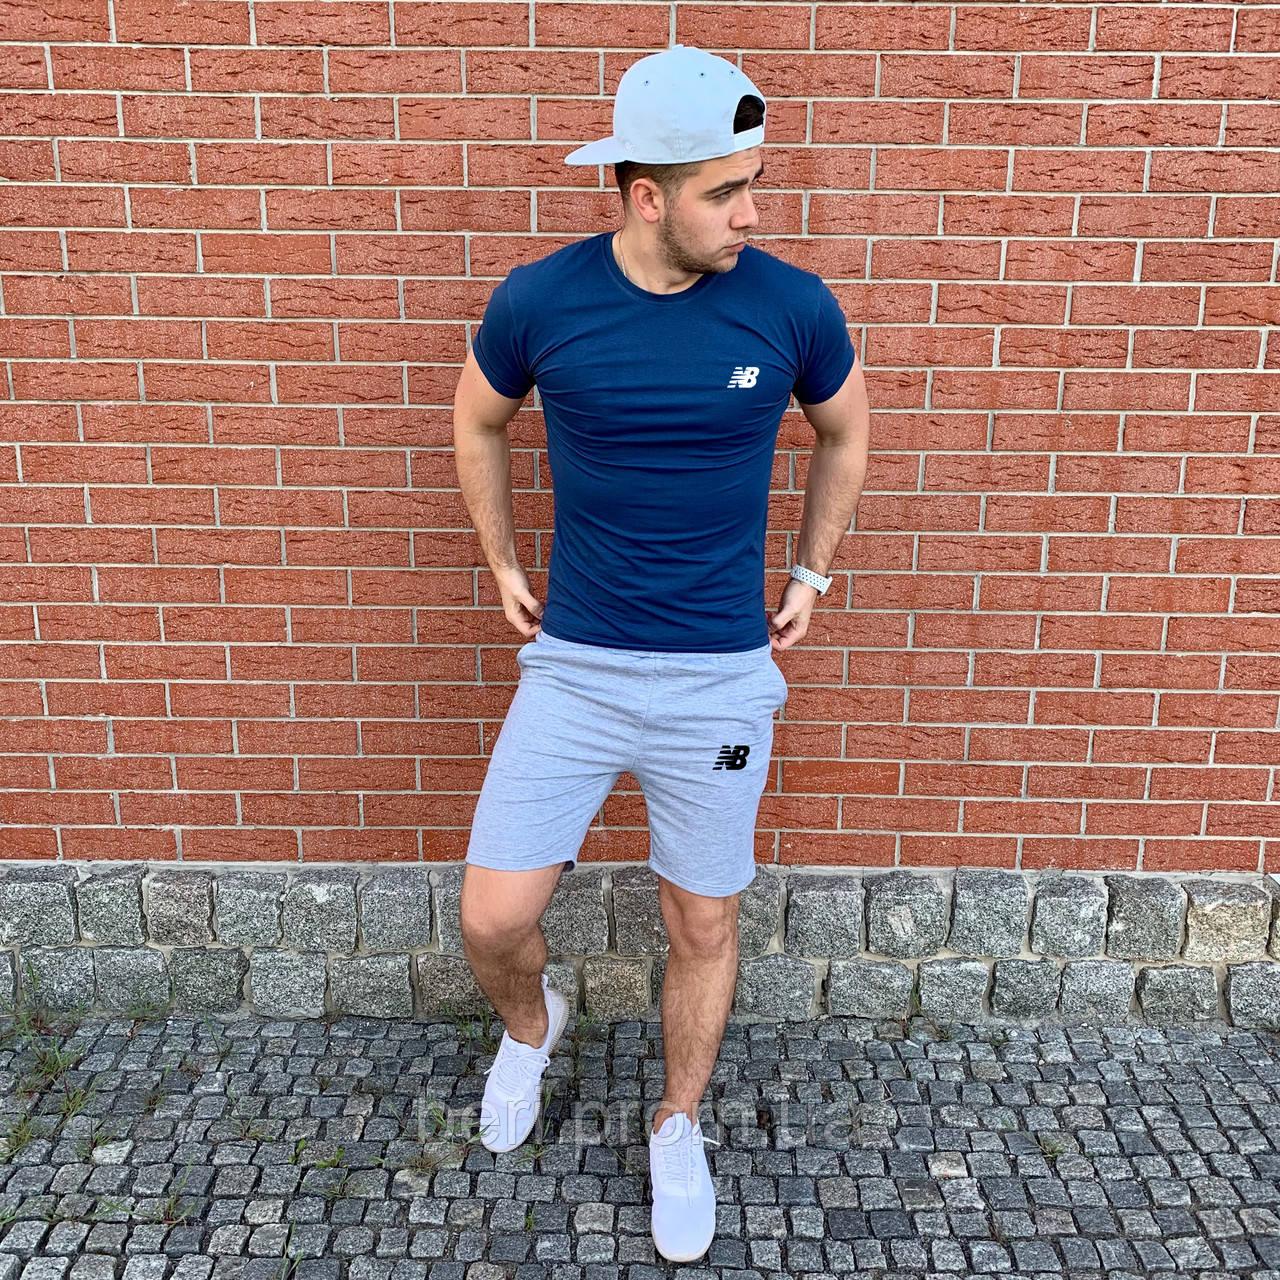 Мужской летний спортивный костюм, комплект шорты и футболка New Balance   Нью Беленс   (Сине-Серый)